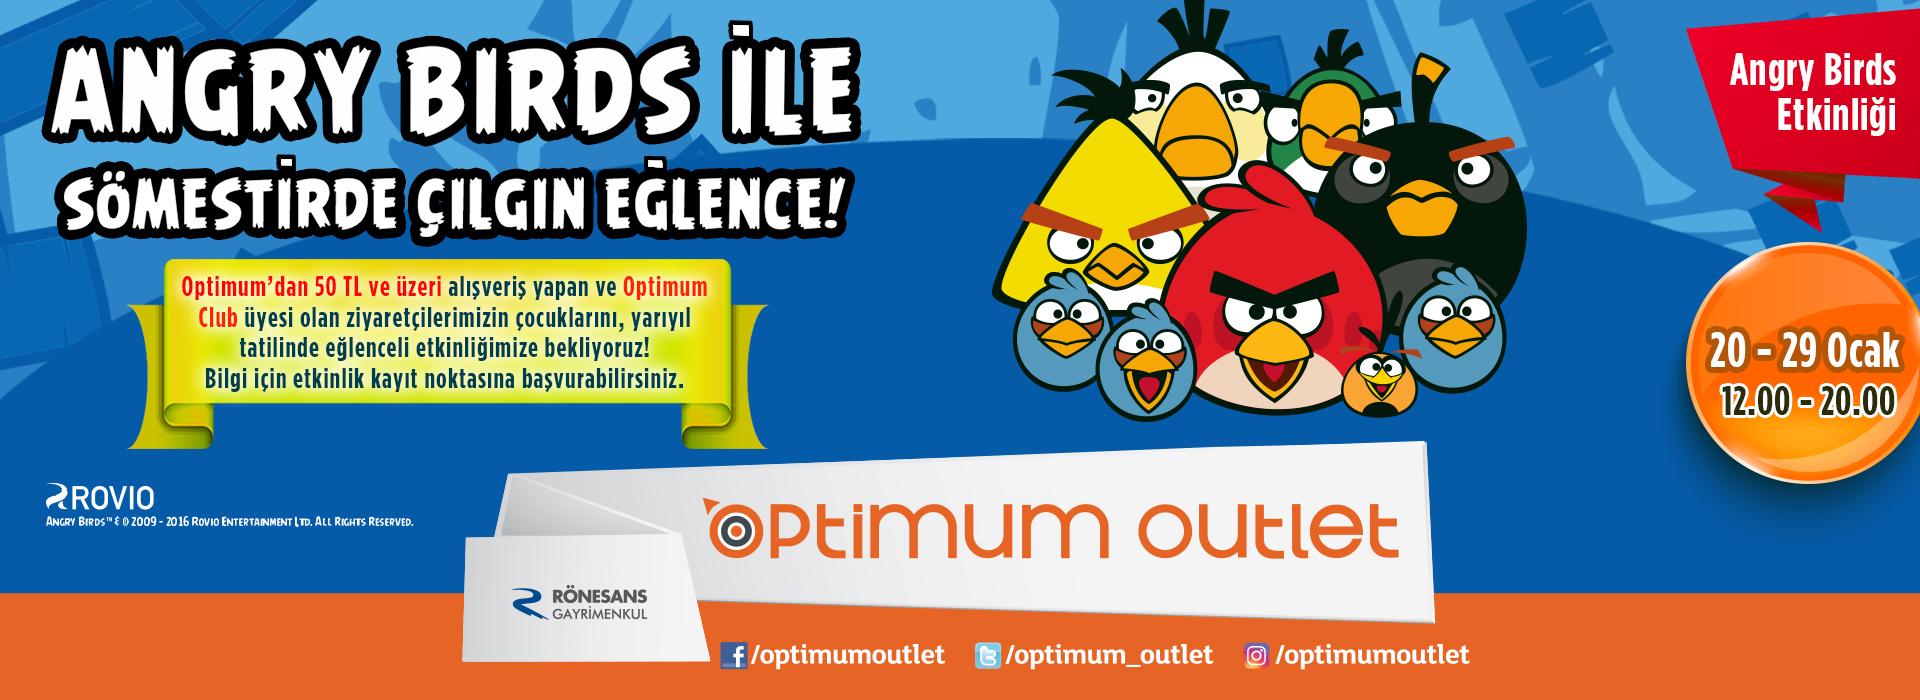 Angry Birds ile Sömestirde Çılgın Eğlence